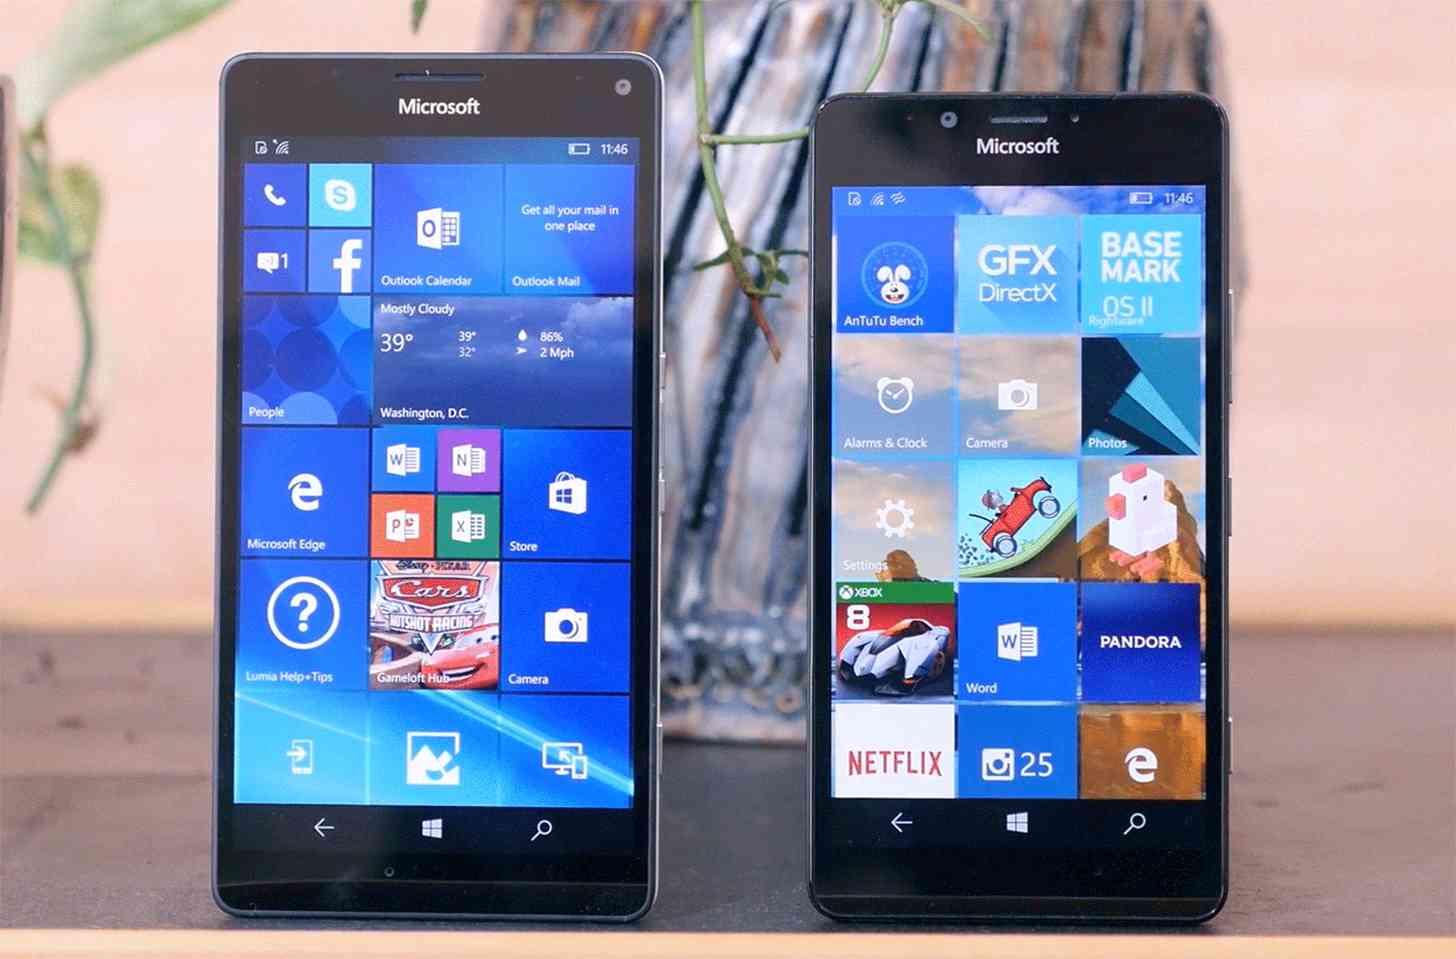 Microsoft Lumia 950 XL, Lumia 950 comparison